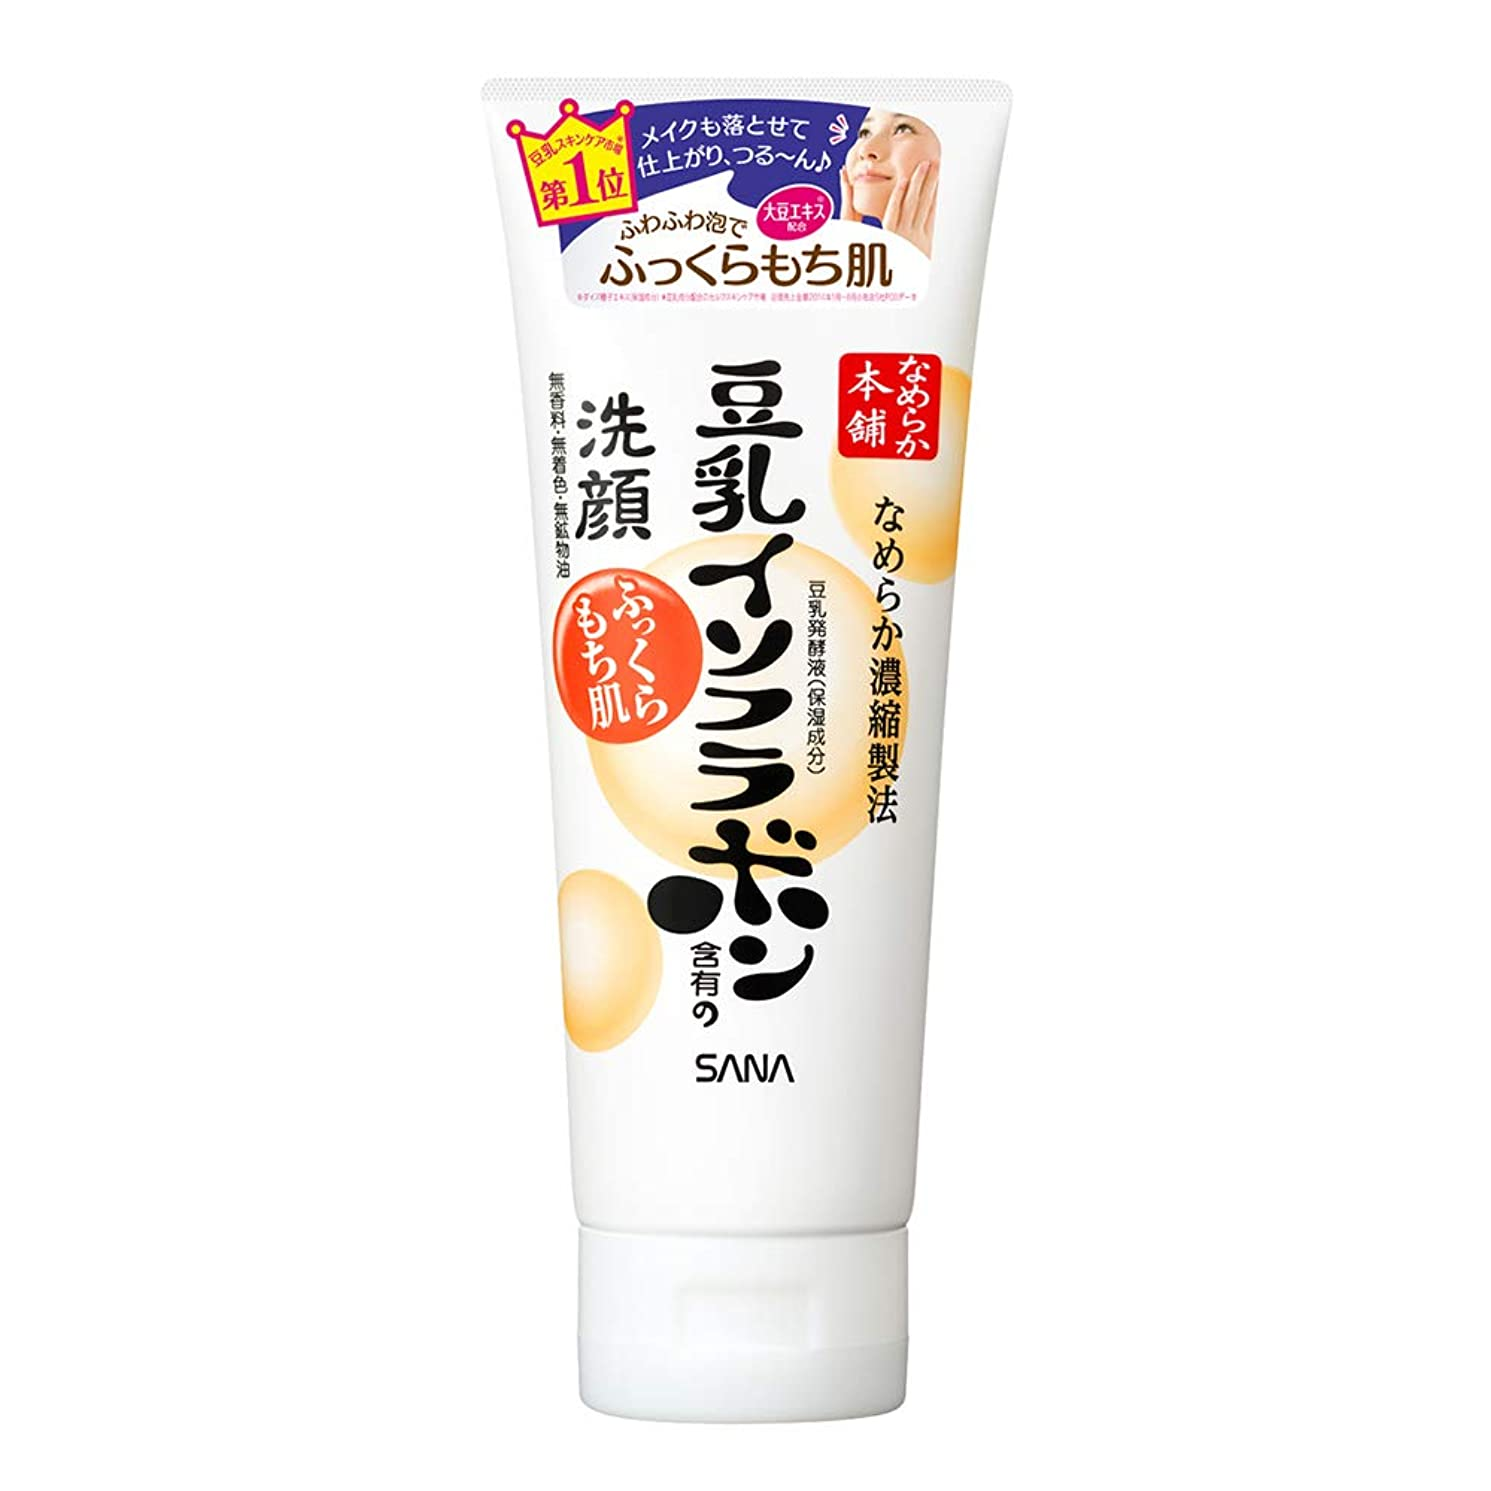 北西樹皮ここに【Amazon.co.jp限定】なめらか本舗 クレンジング洗顔 大容量タイプ 200g